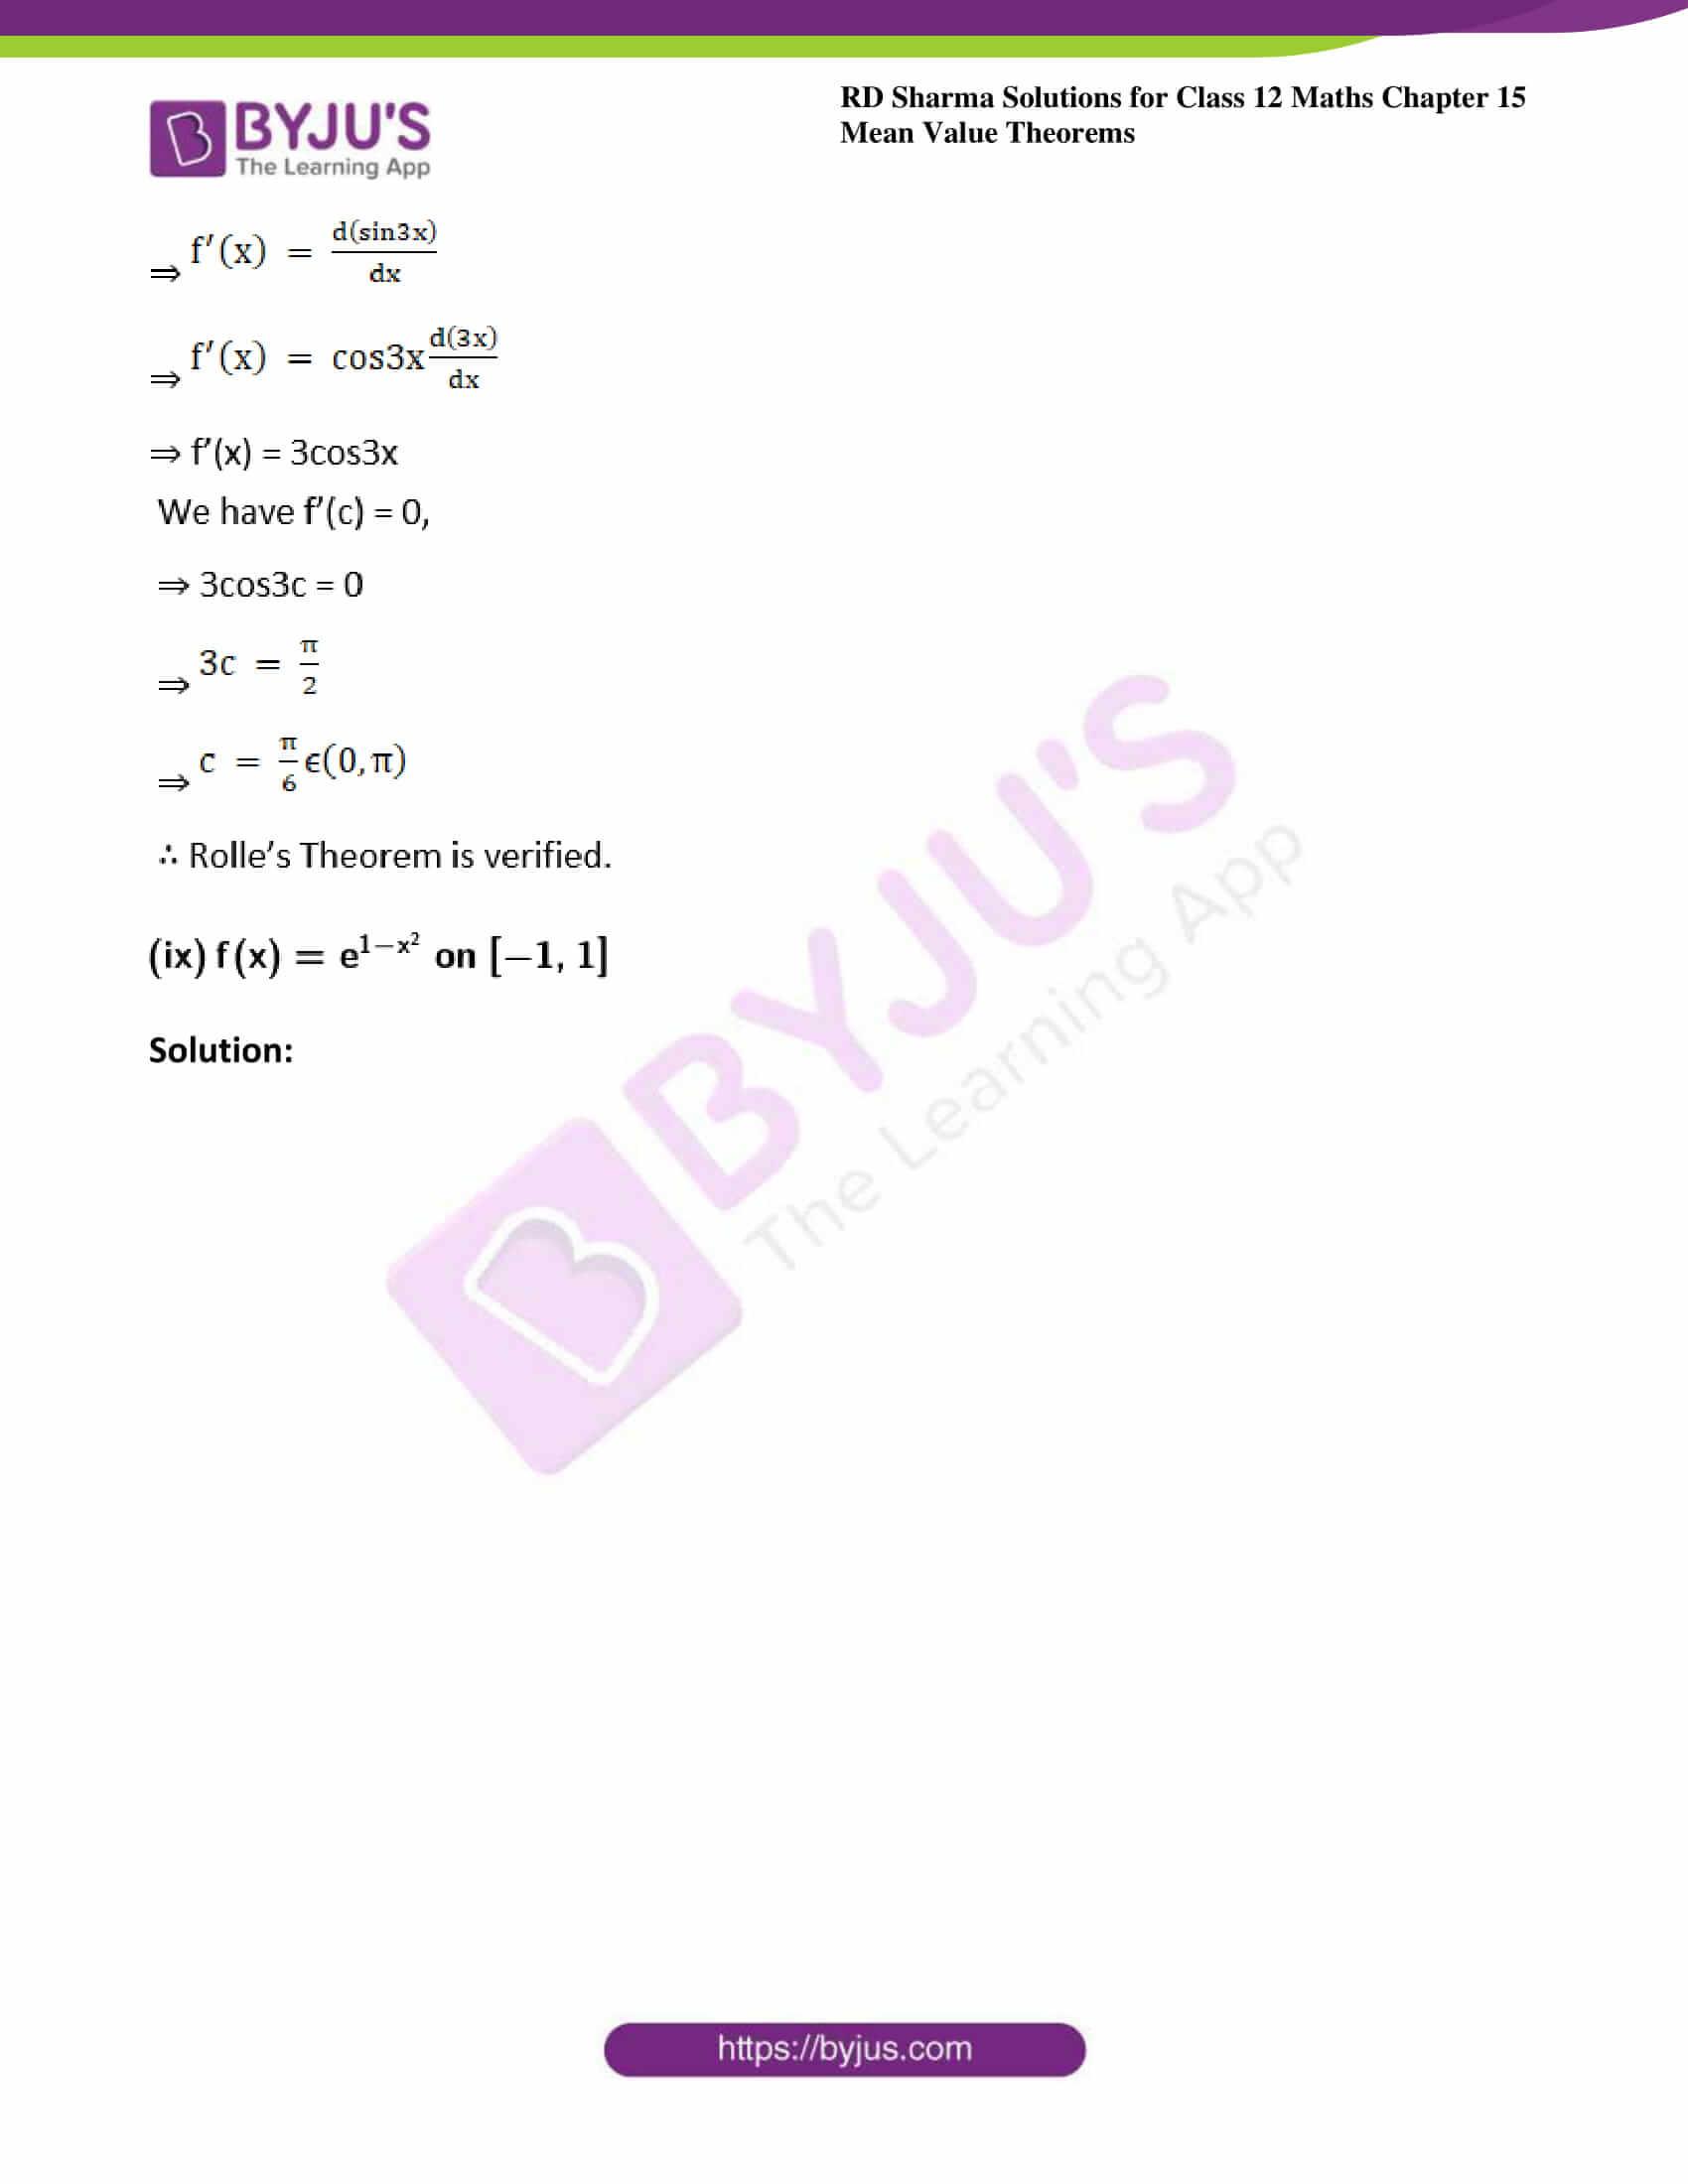 rd sharma class 12 maths solutions chapter 15 ex 1 24